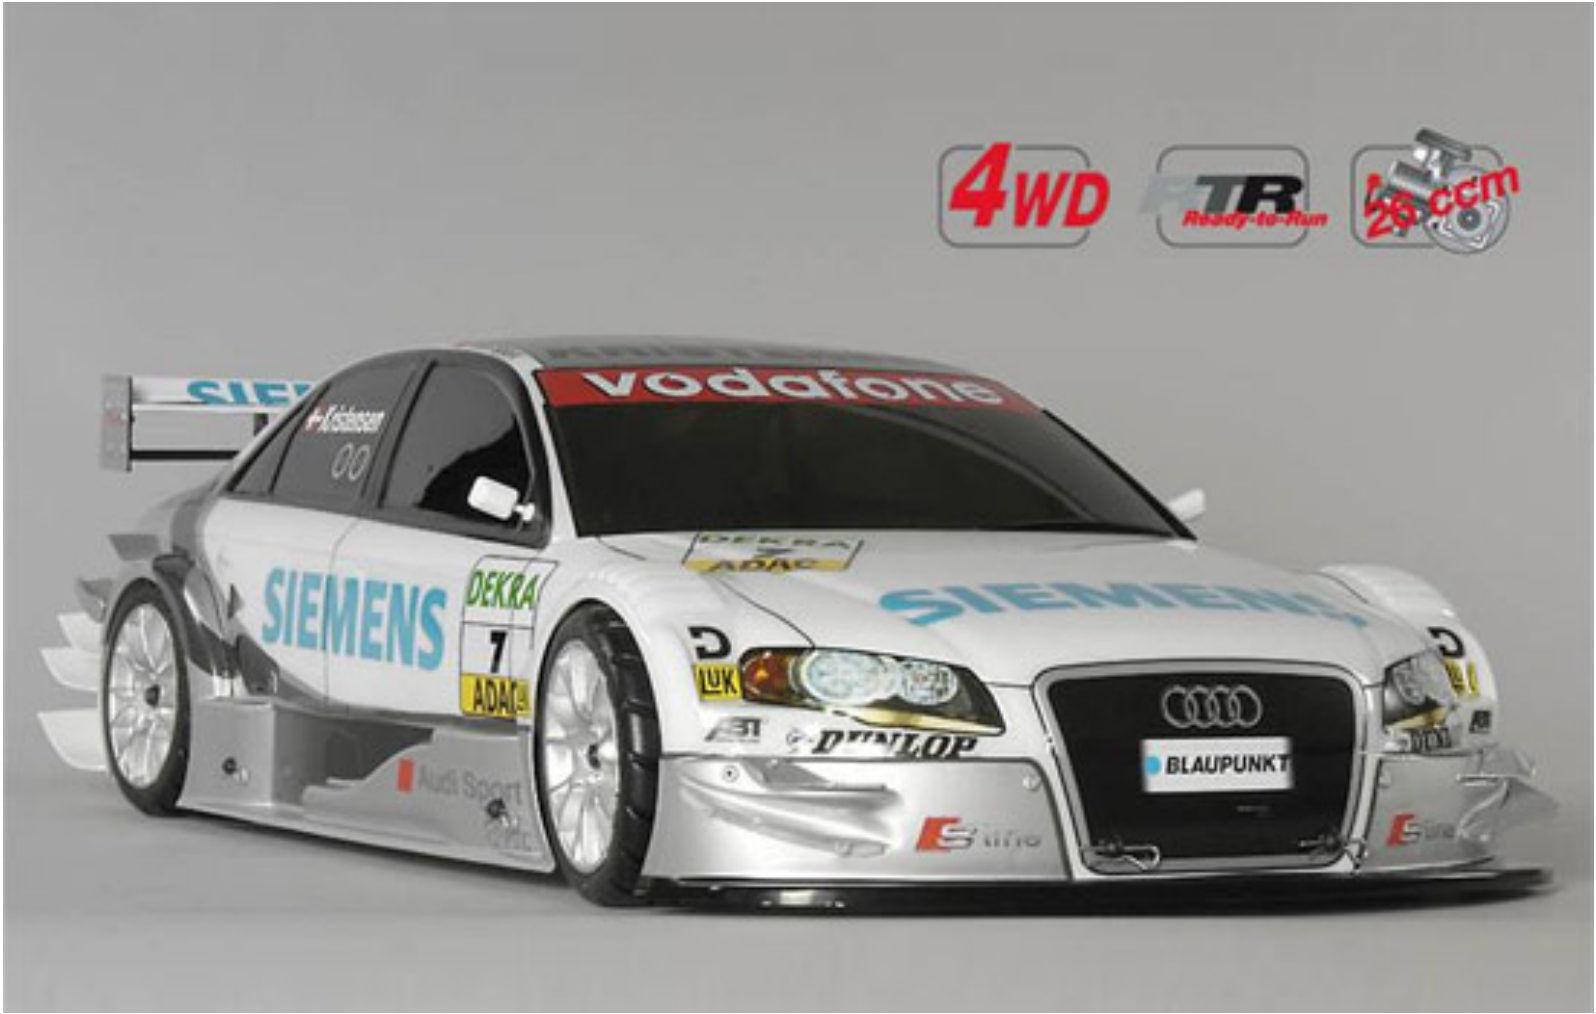 FG modellolsport   154148r RTR 4wd  530 chassis Siemens Audi Laccato 26 CC  nuovi prodotti novità